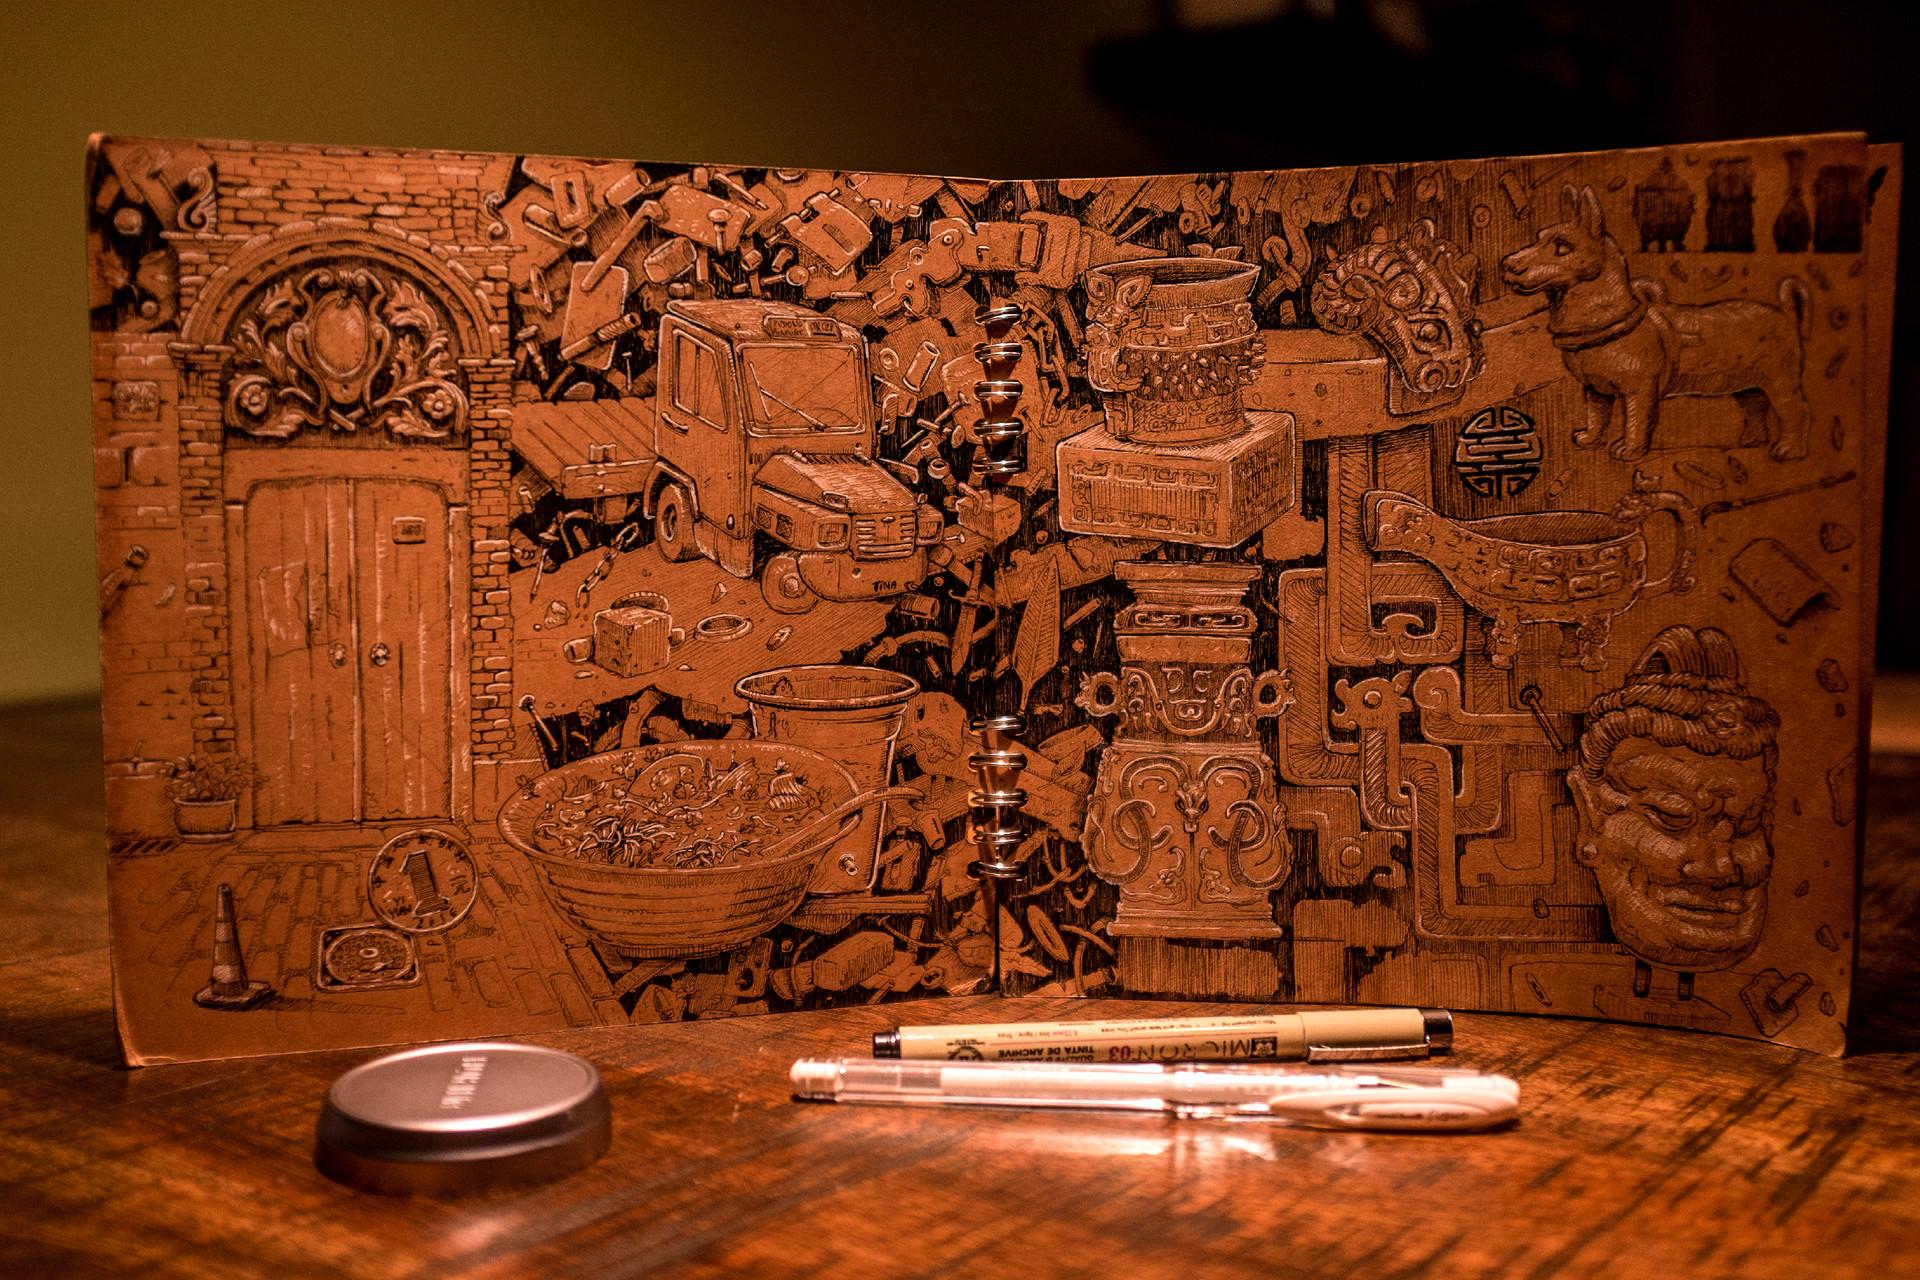 Vincent derozier vincent derozier drawings 1